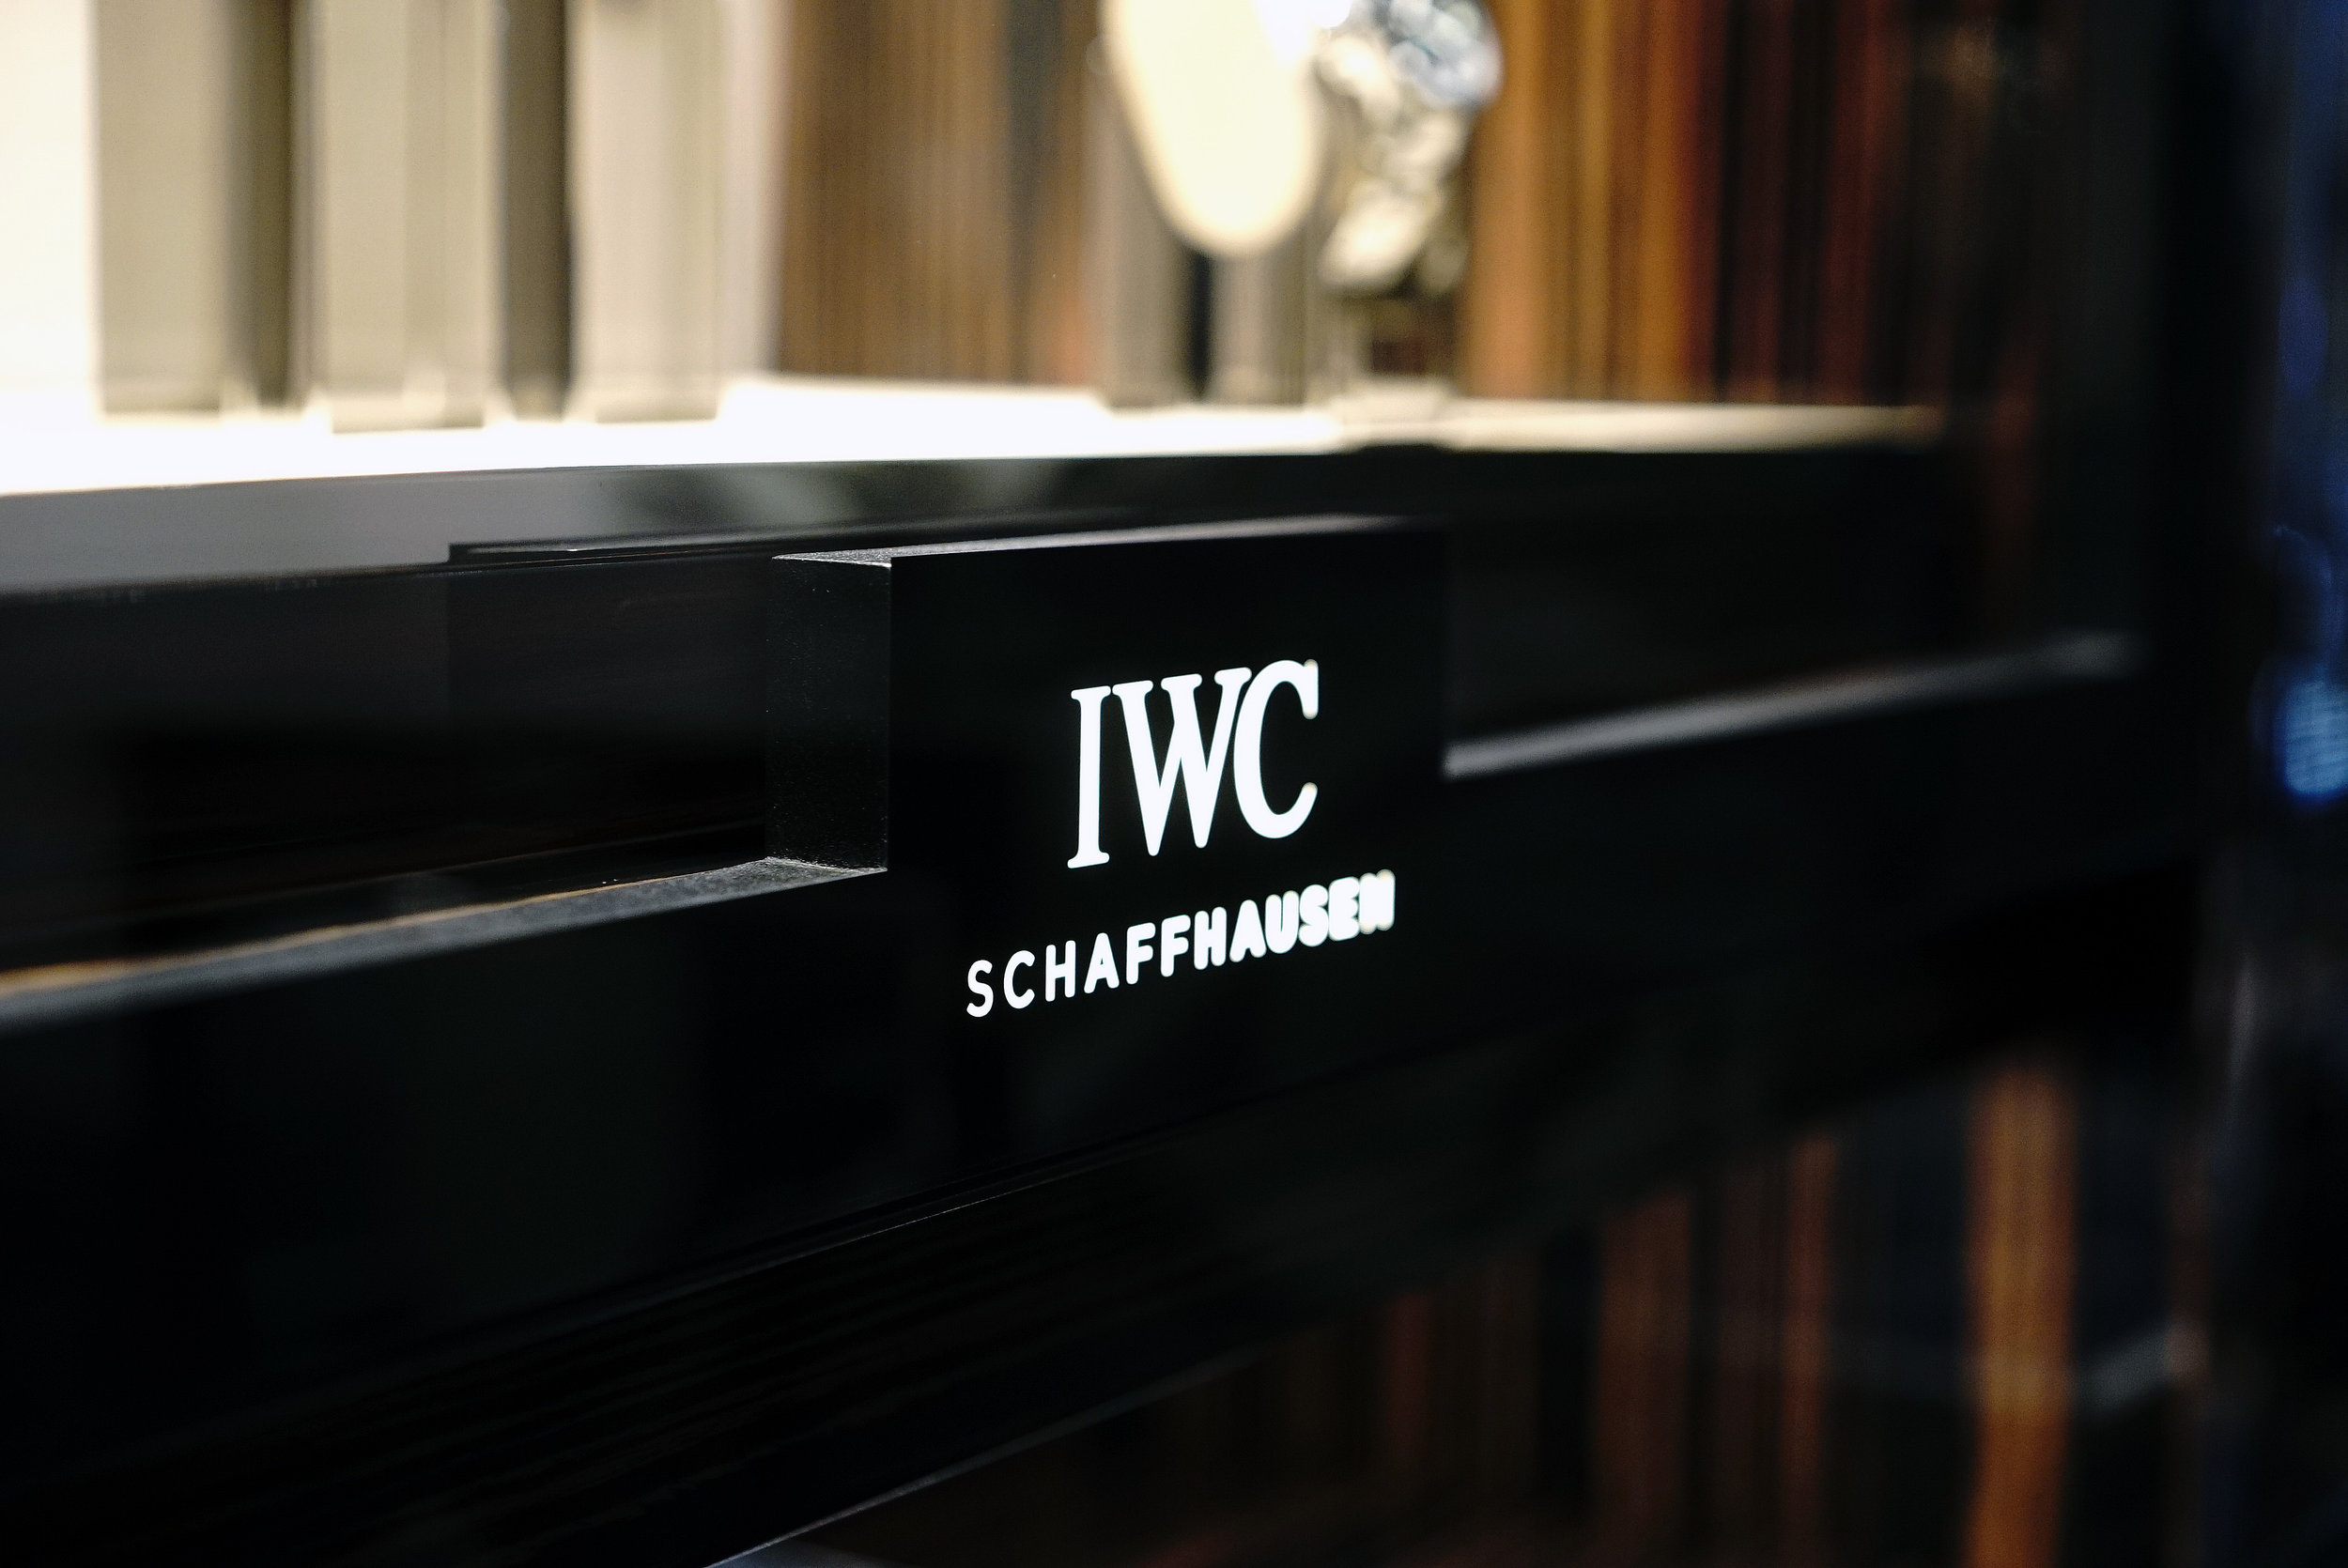 IWC 3.jpg